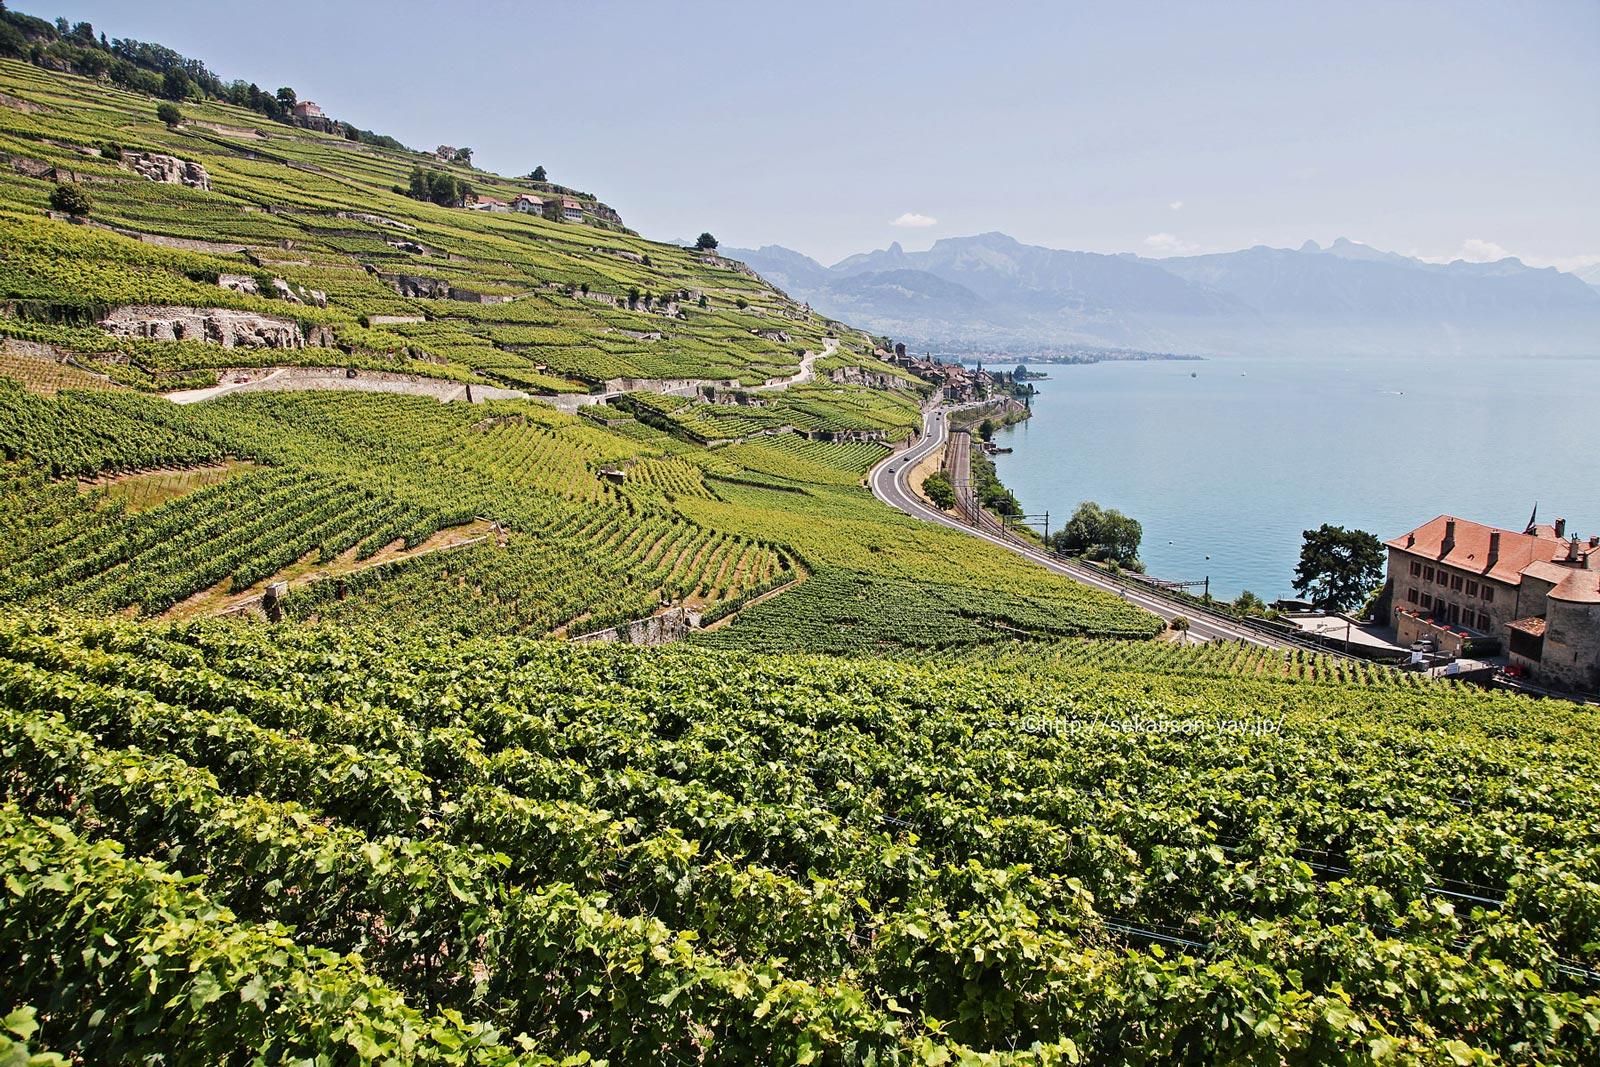 スイス「ラヴォー地区の葡萄畑」- シェーブル